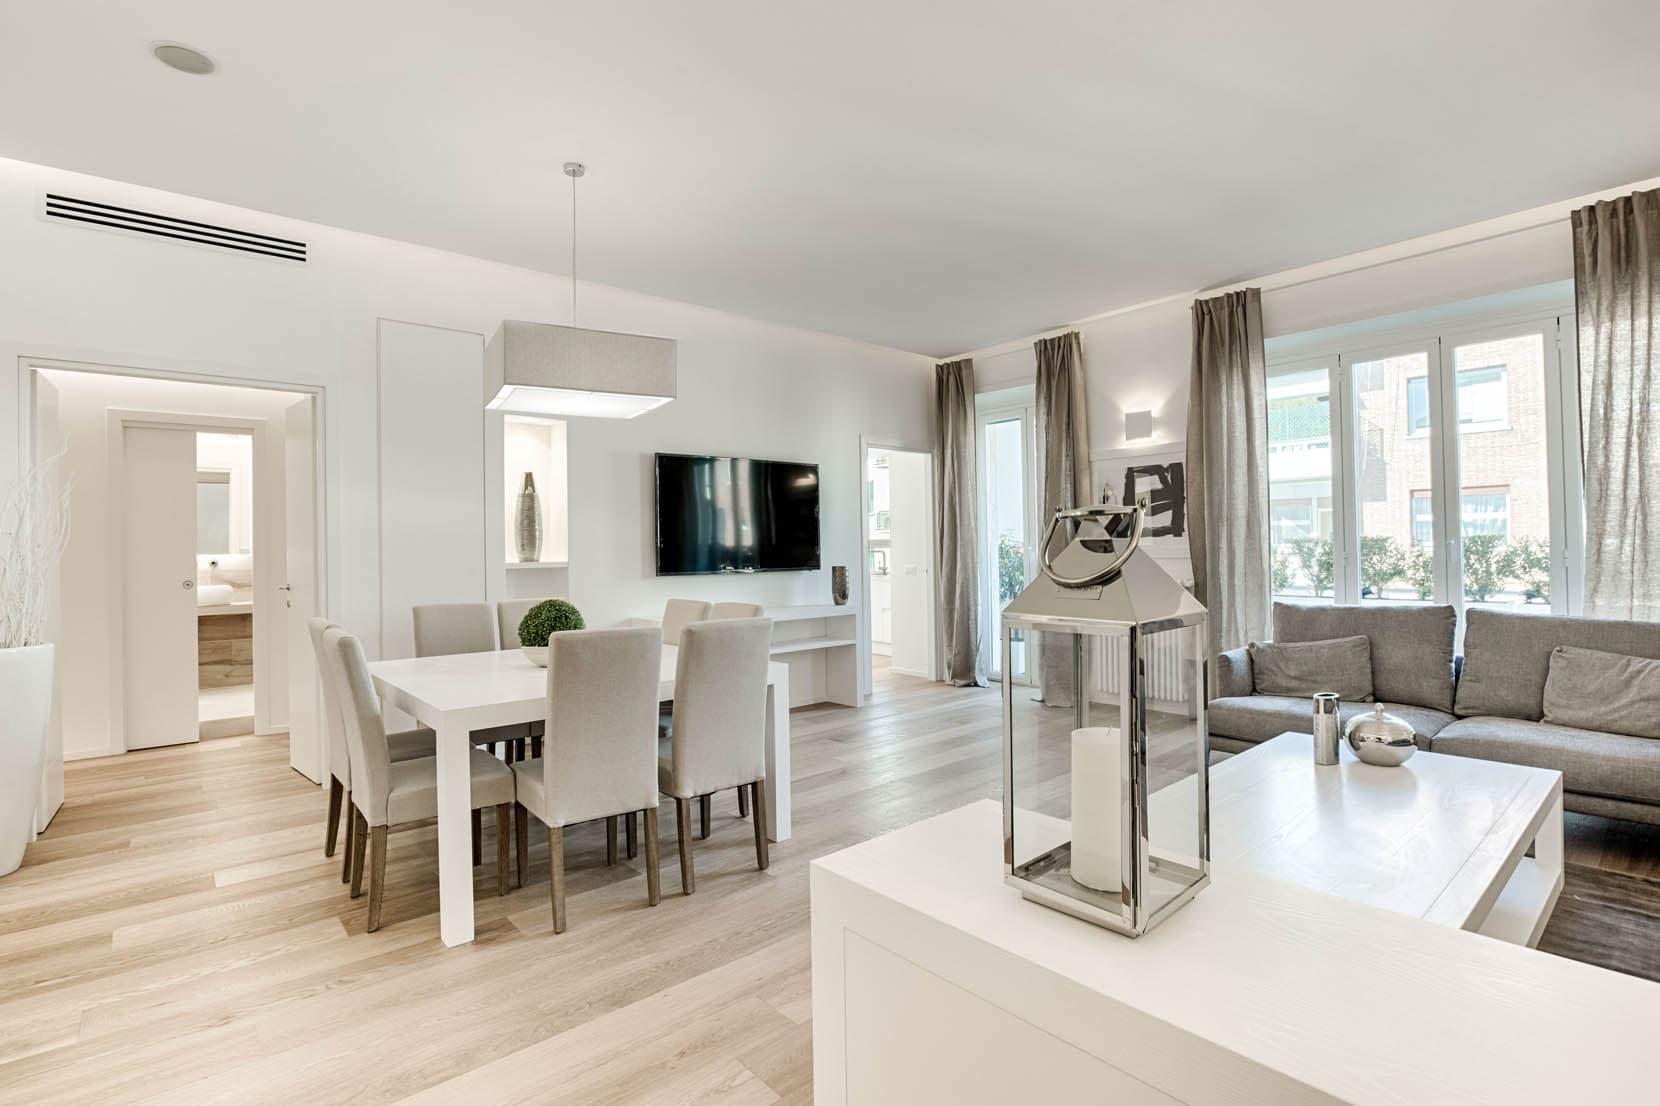 Ristrutturazione appartamento Viale Bruno Buozzi a Roma